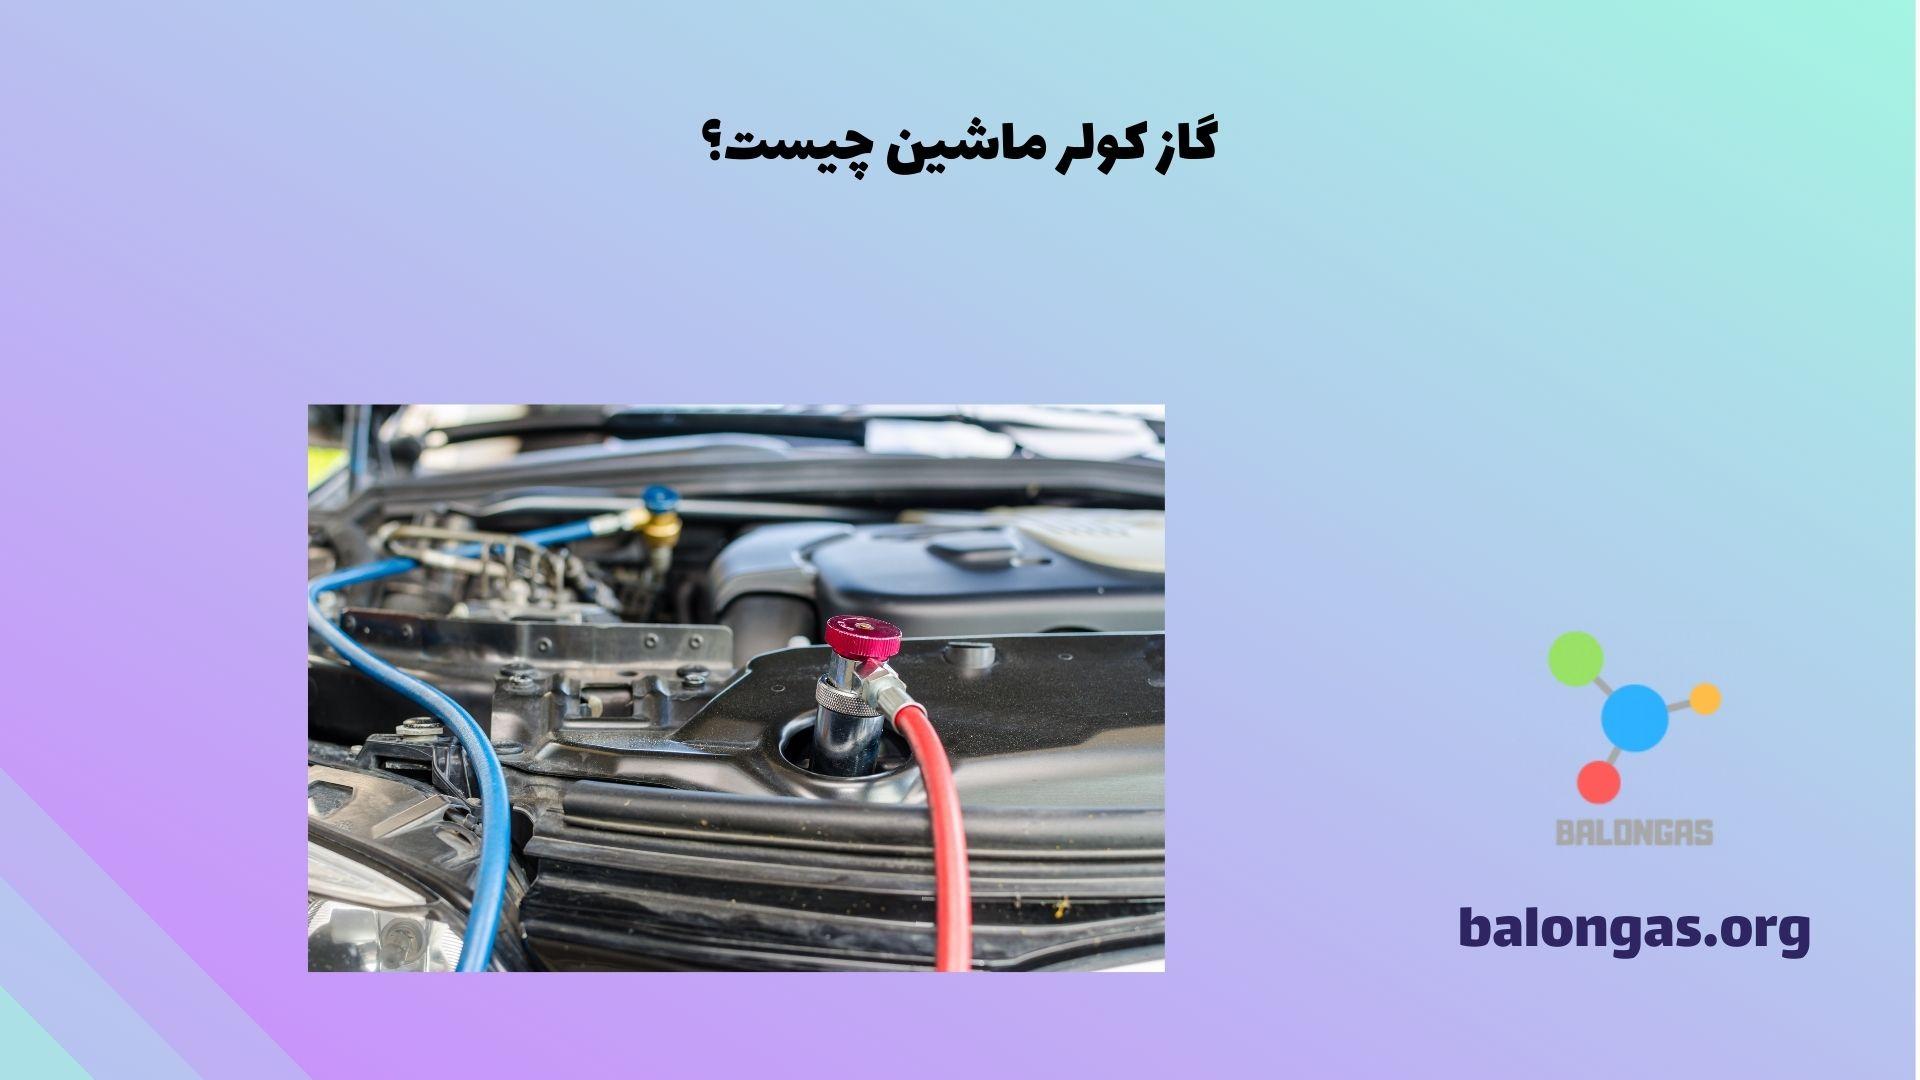 گاز کولر ماشین چیست؟